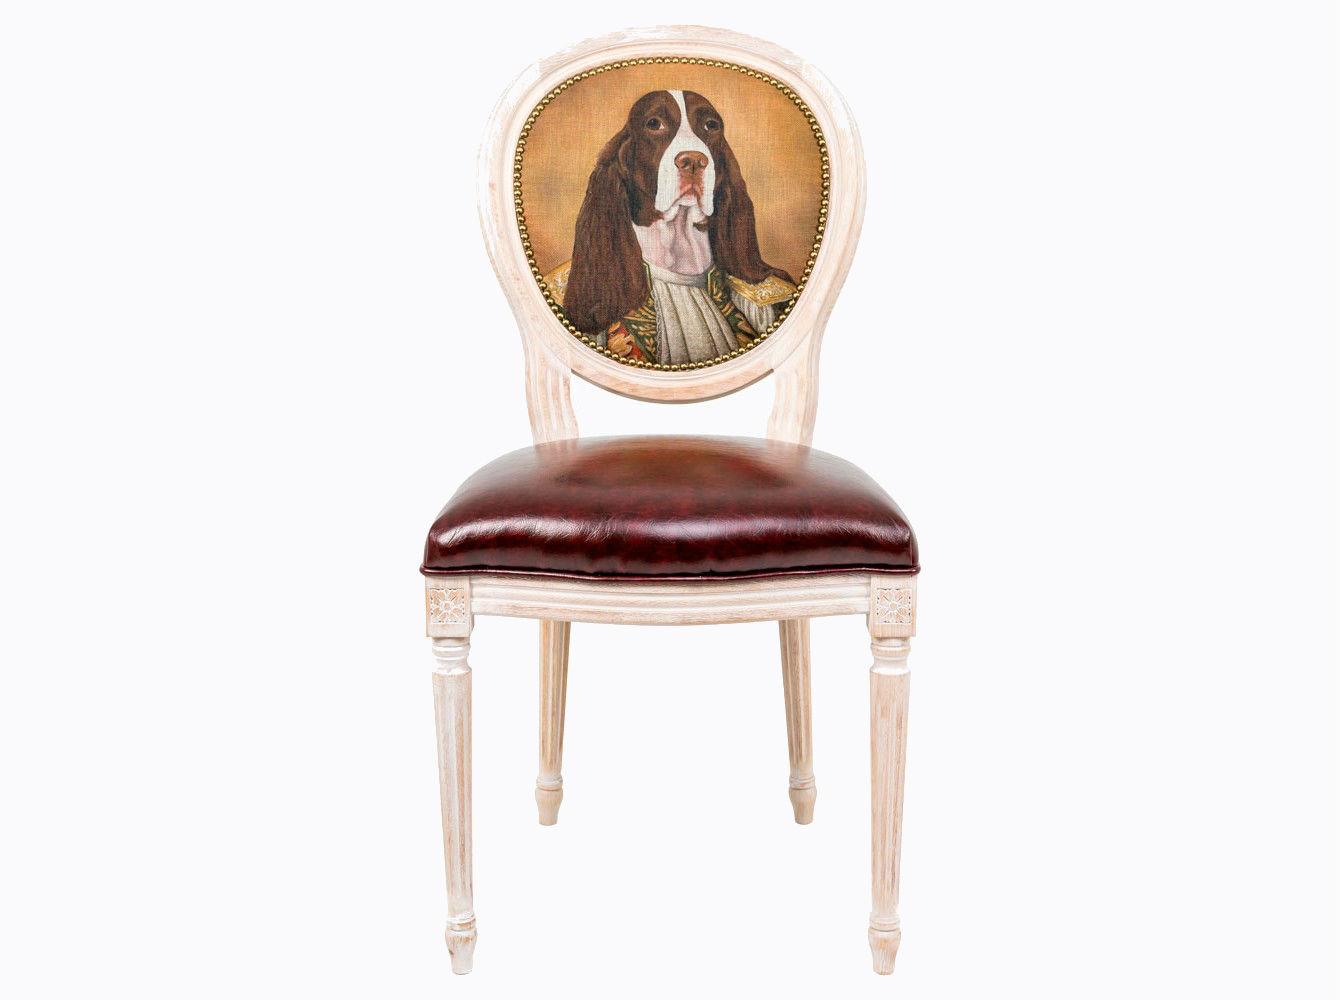 Стул «Музейный экспонат», версия 25Обеденные стулья<br>Корпус стула «Музейный экспонат»  изготовлен из натурального бука. Среди европейских пород бук считается самым прочным и долговечным материалом. По эксклюзивному дизайну &amp;quot;Объекта мечты&amp;quot; корпусы стульев данной серии выточены, брашированы и патинированы в Италии. В дизайне &amp;quot;Музейный экспонат&amp;quot; резьба играет ведущую роль: стул украшен вычурными желобками и цветочными узорами, выточенными с ювелирной меткостью.  В угоду моде &amp;quot;шебби-шик&amp;quot;, благородная фактура натурального дерева подчеркнута рукописной патиной. Штрихи старины обладают специфическим обаянием и теплом. Приобретая такую модель, можно быть уверенными в её эклектичном единстве с роскошным &amp;quot;ренессансом&amp;quot; и изнеженным &amp;quot;ампиром&amp;quot;, аскетичным &amp;quot;лофтом&amp;quot; и салонным &amp;quot;ар-деко&amp;quot;. Обивка оснащена тефлоновым покрытием против пятен. <br>Не упустите возможности обладания поистине уникальной дизайнерской мебелью, - коллекция &amp;quot;Музейный экспонат&amp;quot; выпущена лимитированными экземплярами.&amp;amp;nbsp;&amp;lt;div&amp;gt;&amp;lt;br&amp;gt;&amp;lt;/div&amp;gt;&amp;lt;div&amp;gt;Каркас - натуральное дерево бука, обивка сиденья и оборотной стороны спинки - эко-кожа, обивка спинки: 29% лен, 9 % хлопок, 72% полиэстер&amp;lt;br&amp;gt;&amp;lt;/div&amp;gt;<br><br>Material: Дерево<br>Width см: 55<br>Depth см: 50<br>Height см: 95